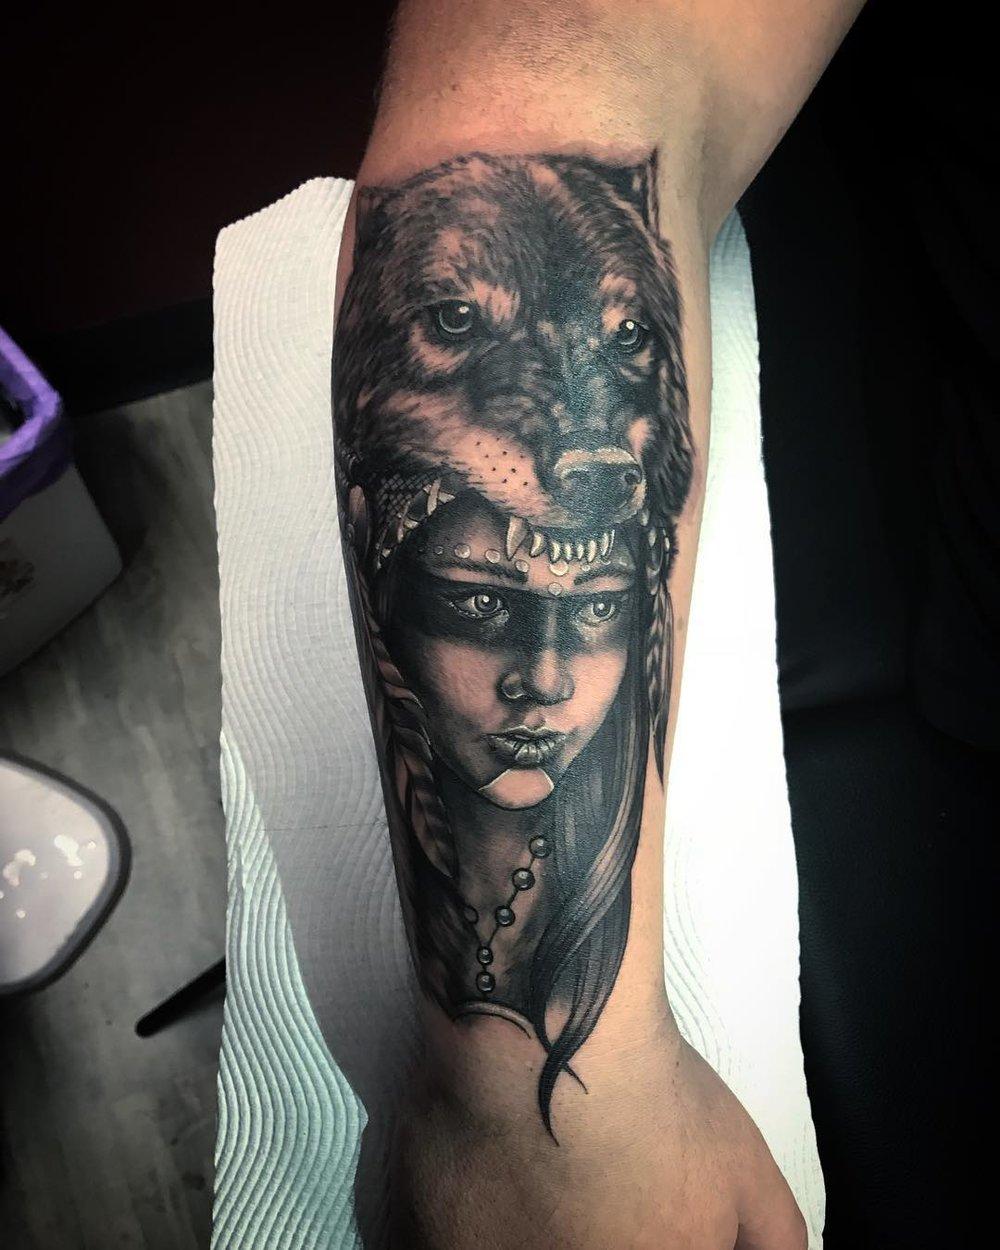 nic_sawdon_tattoos_41869646_270838033637458_1694220181147604629_n (1).jpg